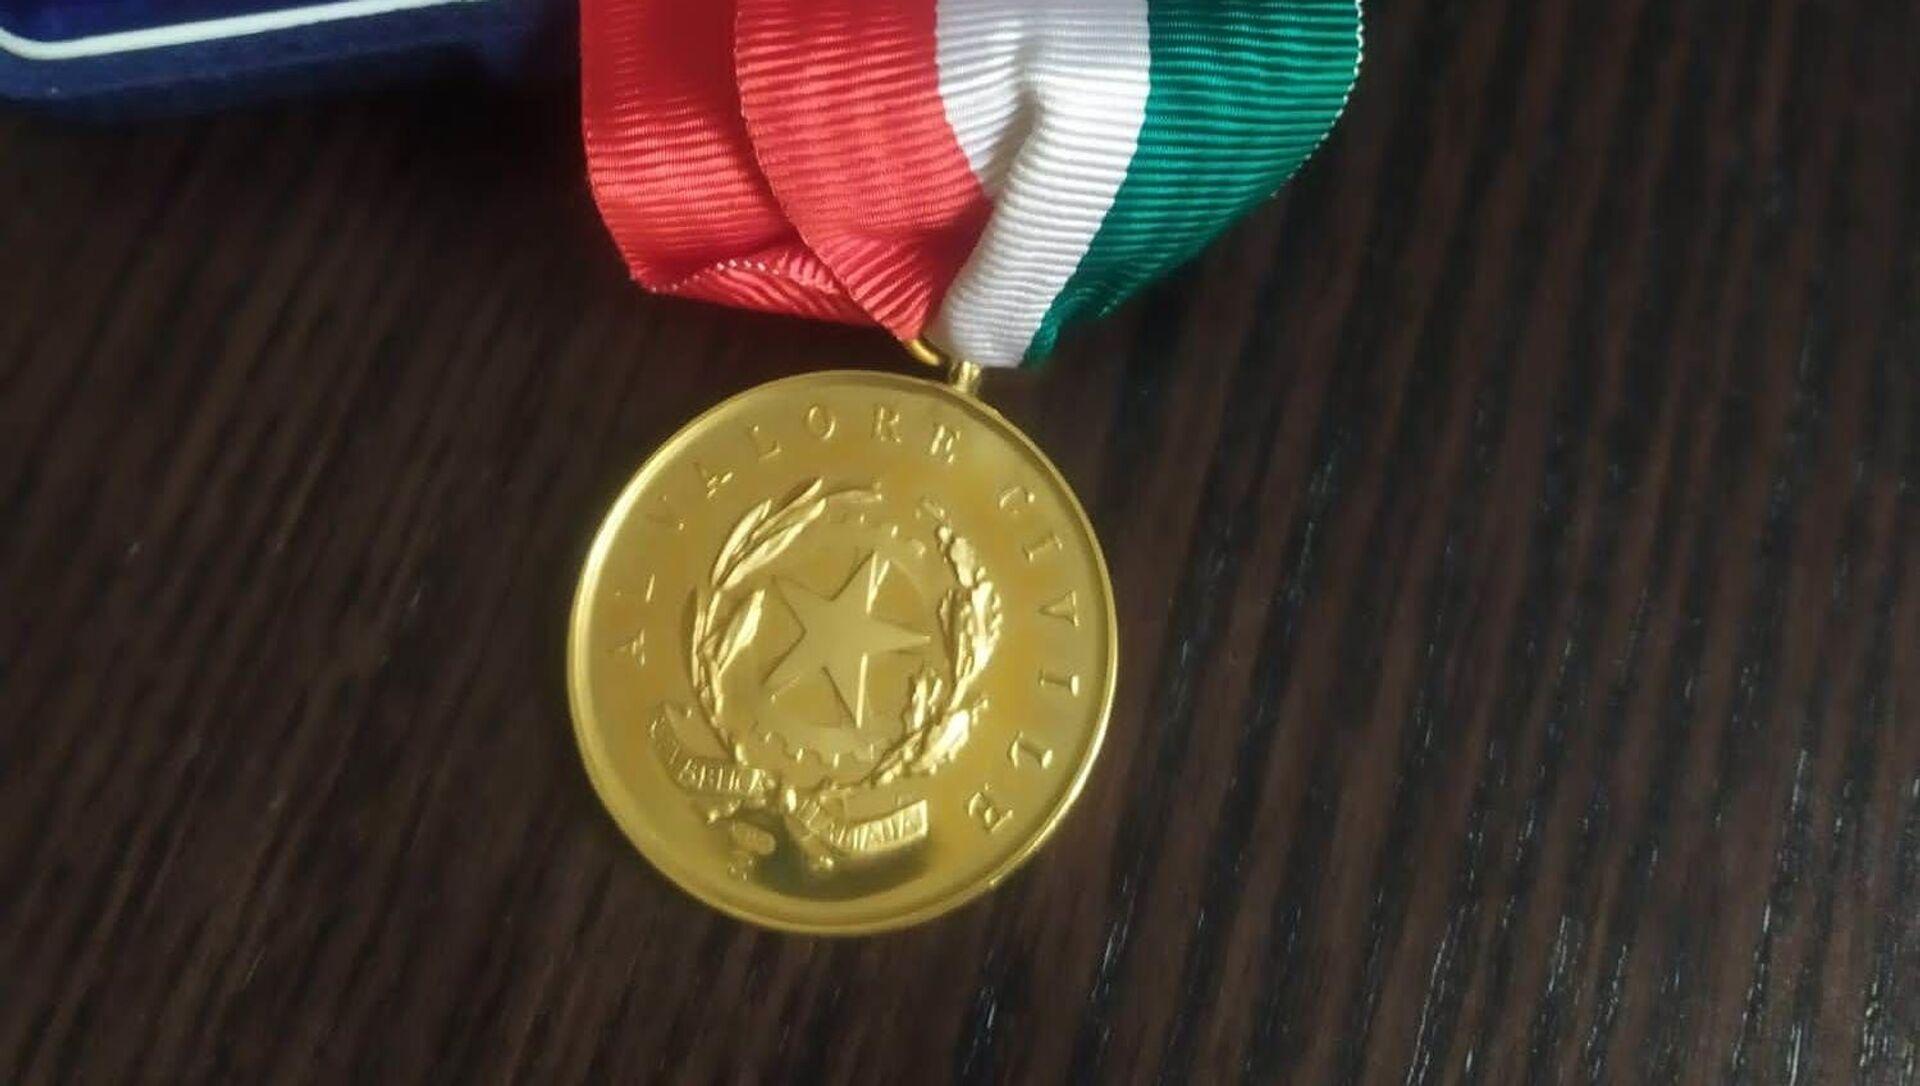 Medaglia d'Oro al Valor Civile alla memoria di Fabrizio Quattrocchi  - Sputnik Italia, 1920, 18.05.2021